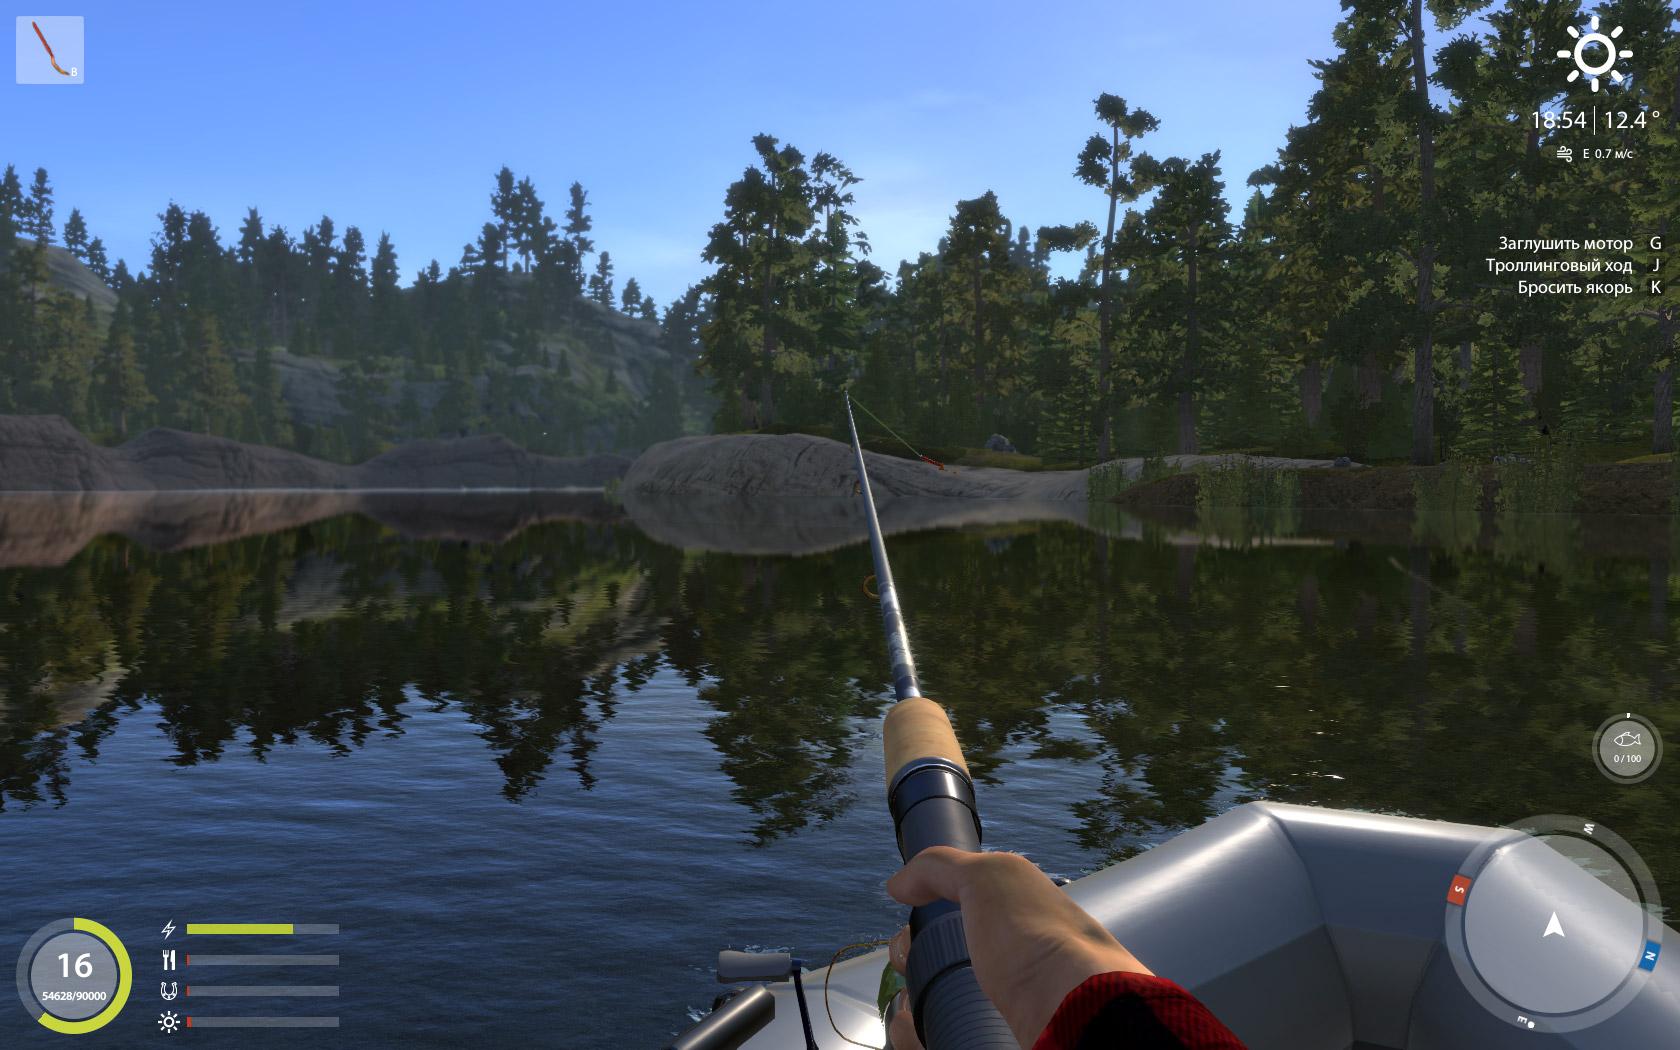 Скачать игры симуляторы рыбалки 2018 через торрент